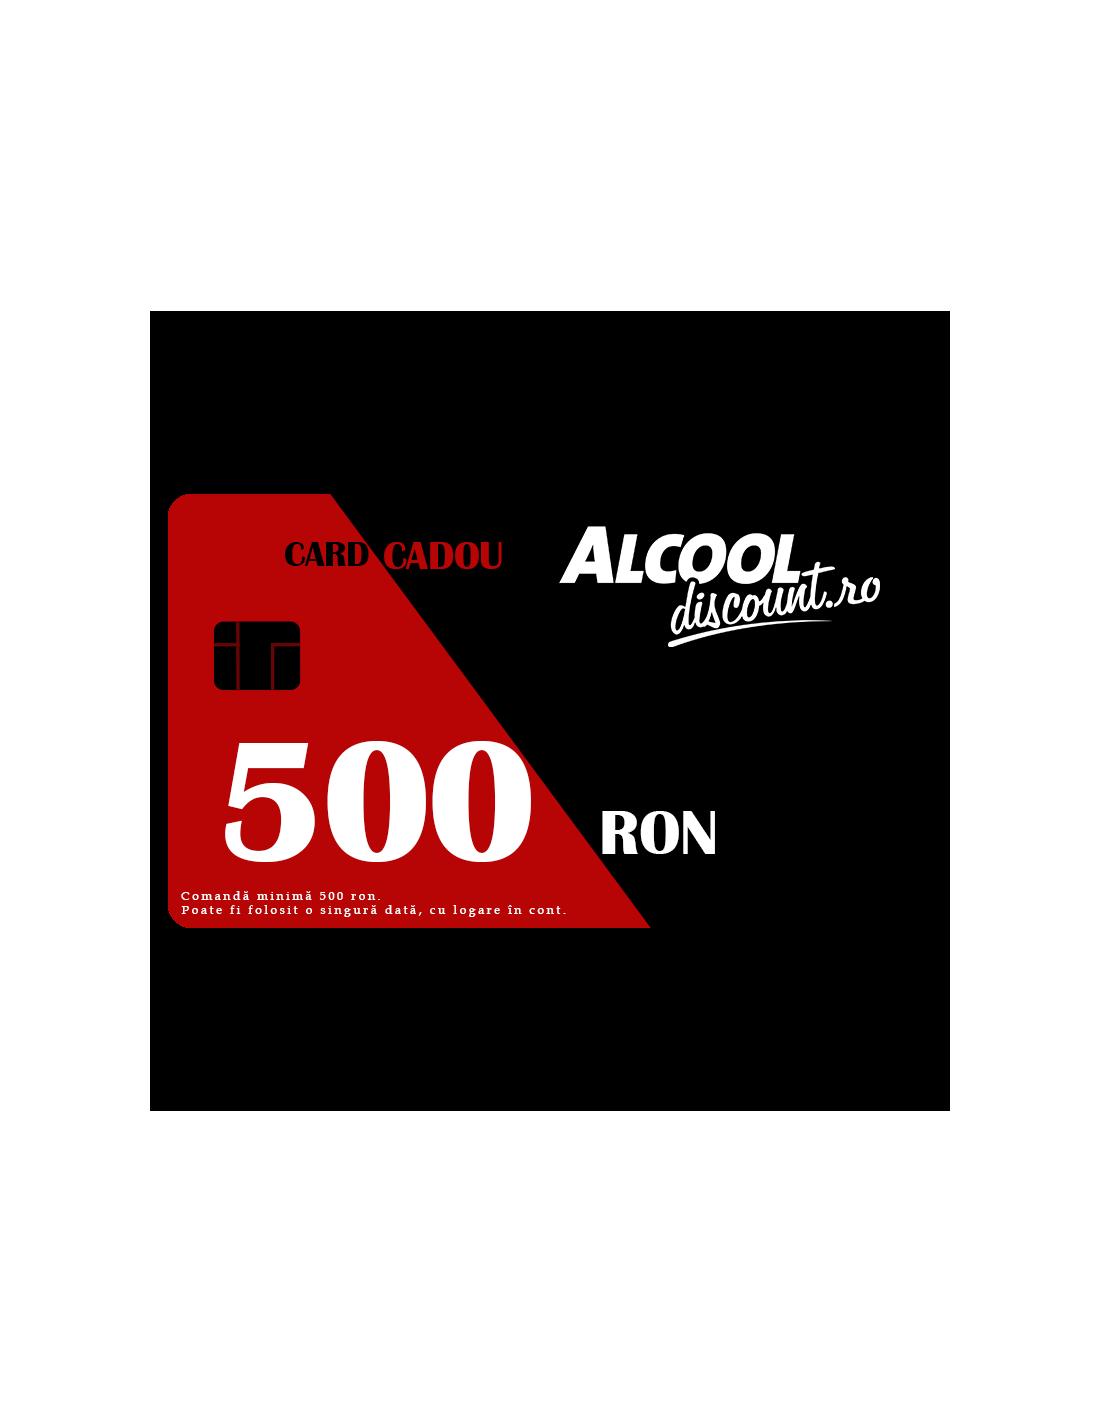 CARD CADOU 500 RON